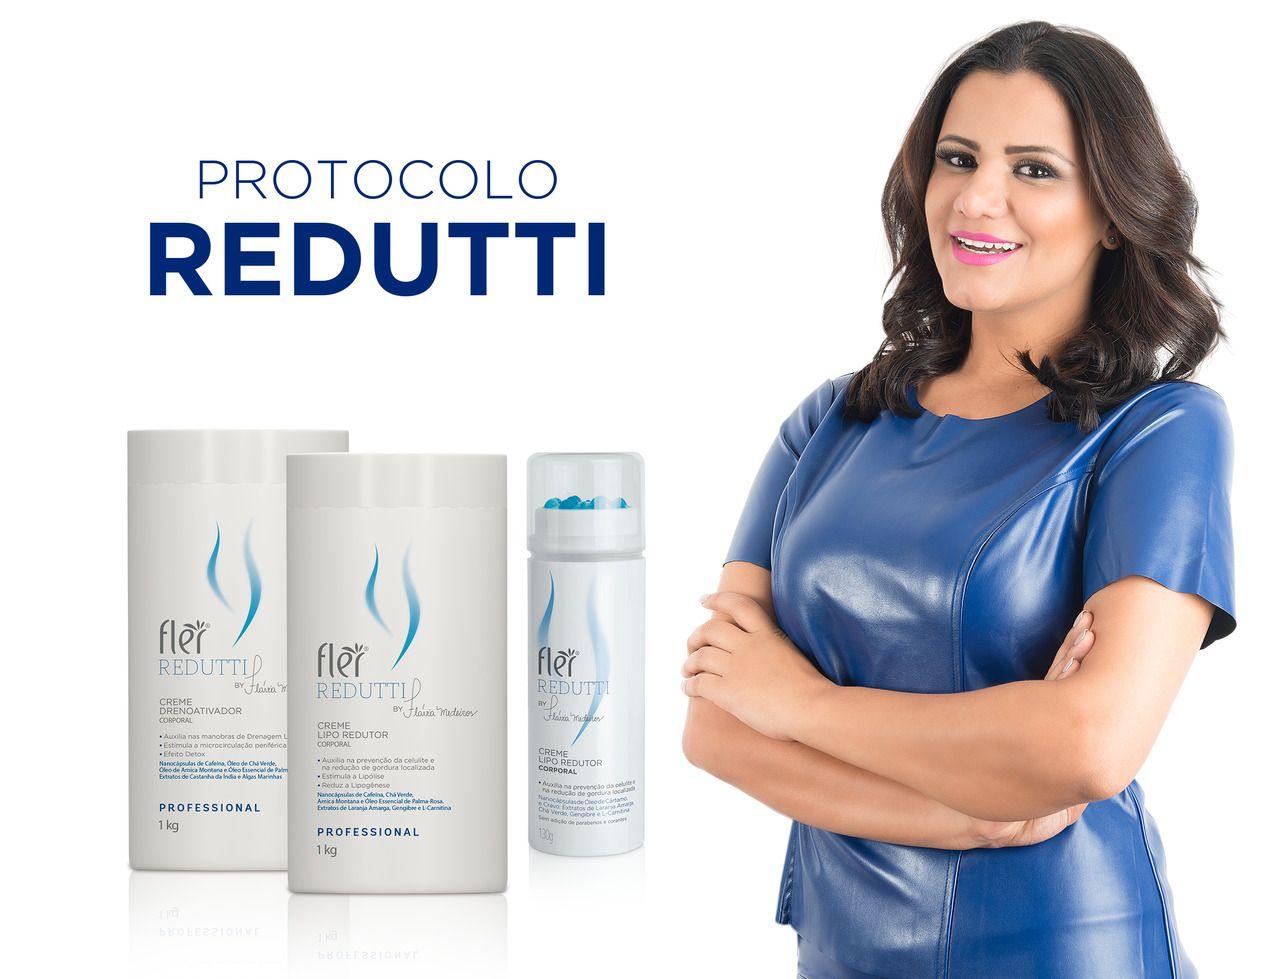 Kit Redutti by Flávia Medeiros